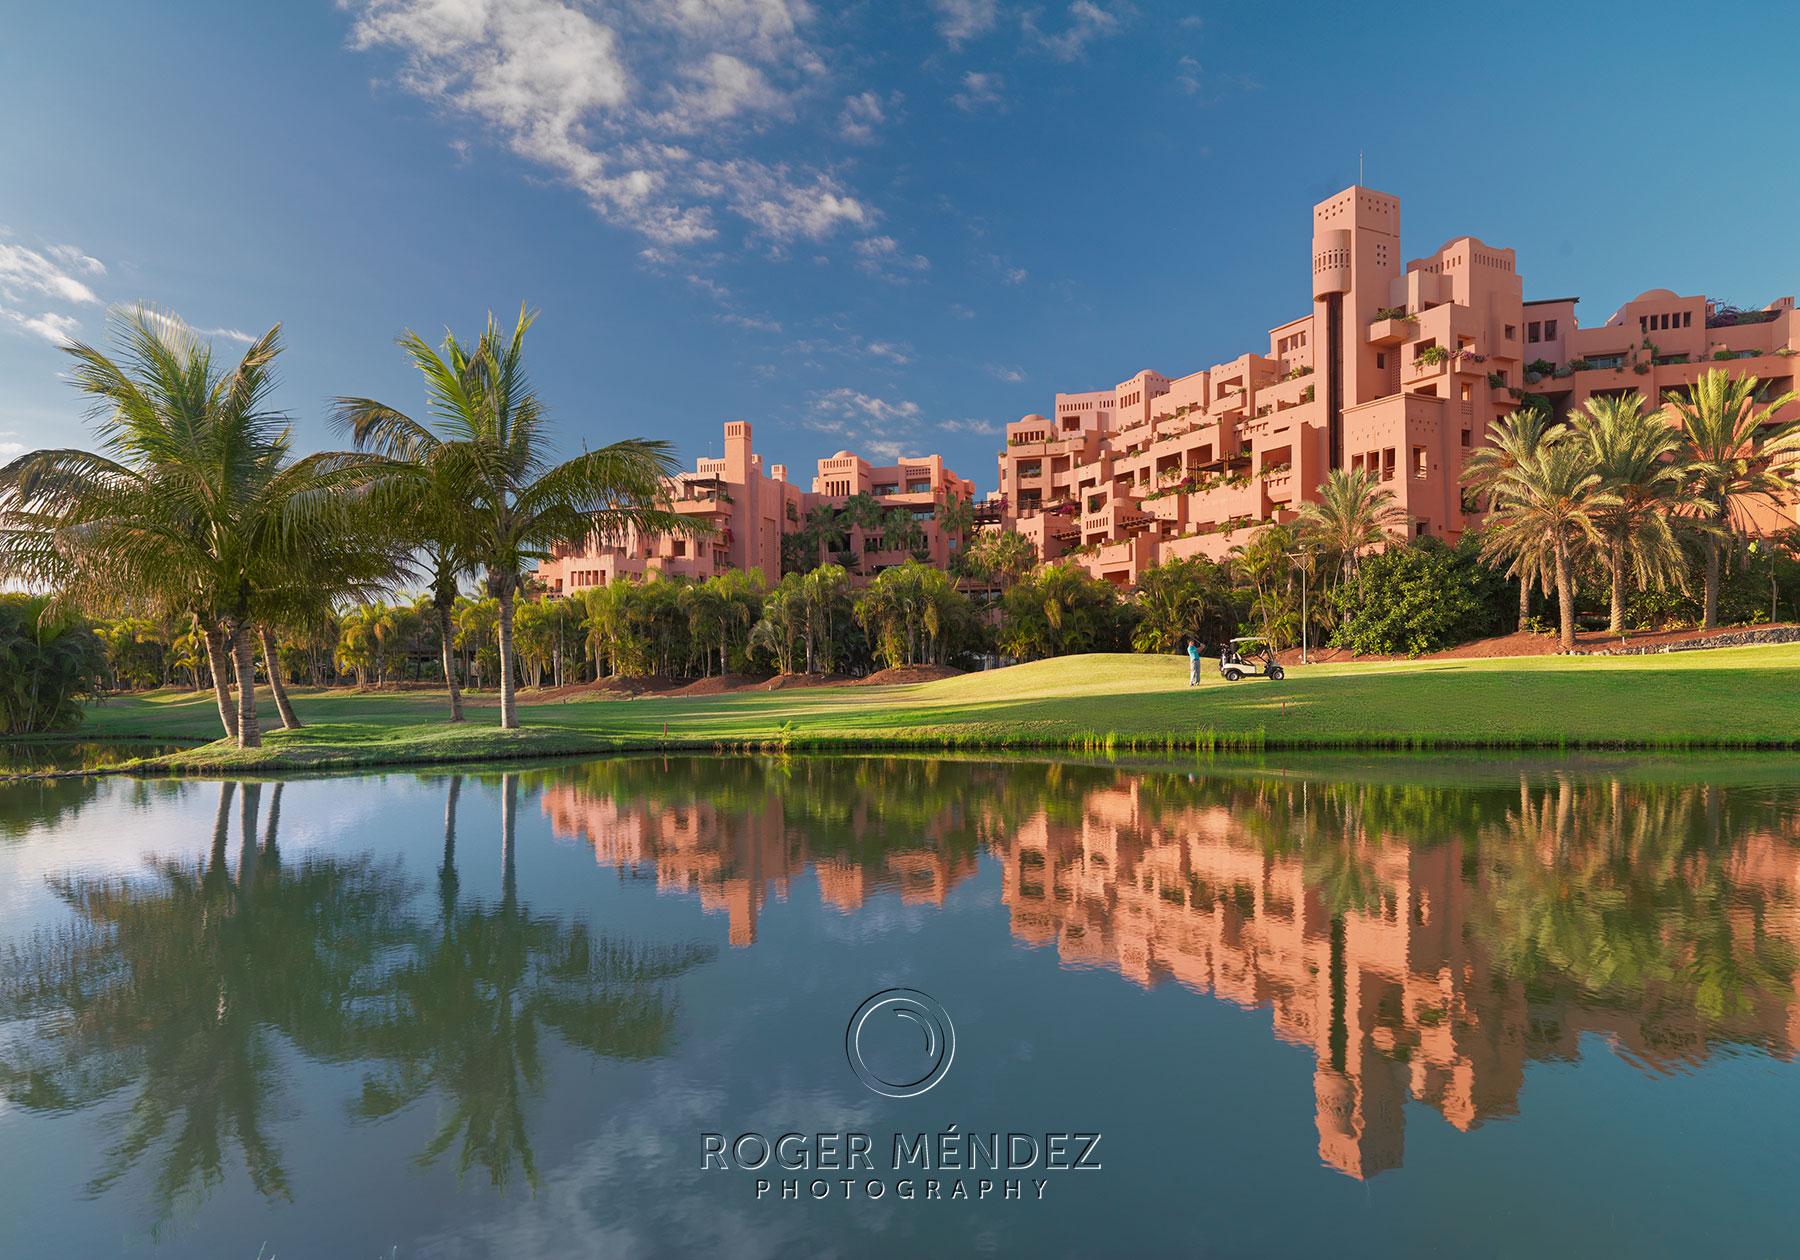 Campo de Golf Abama, Tenerife